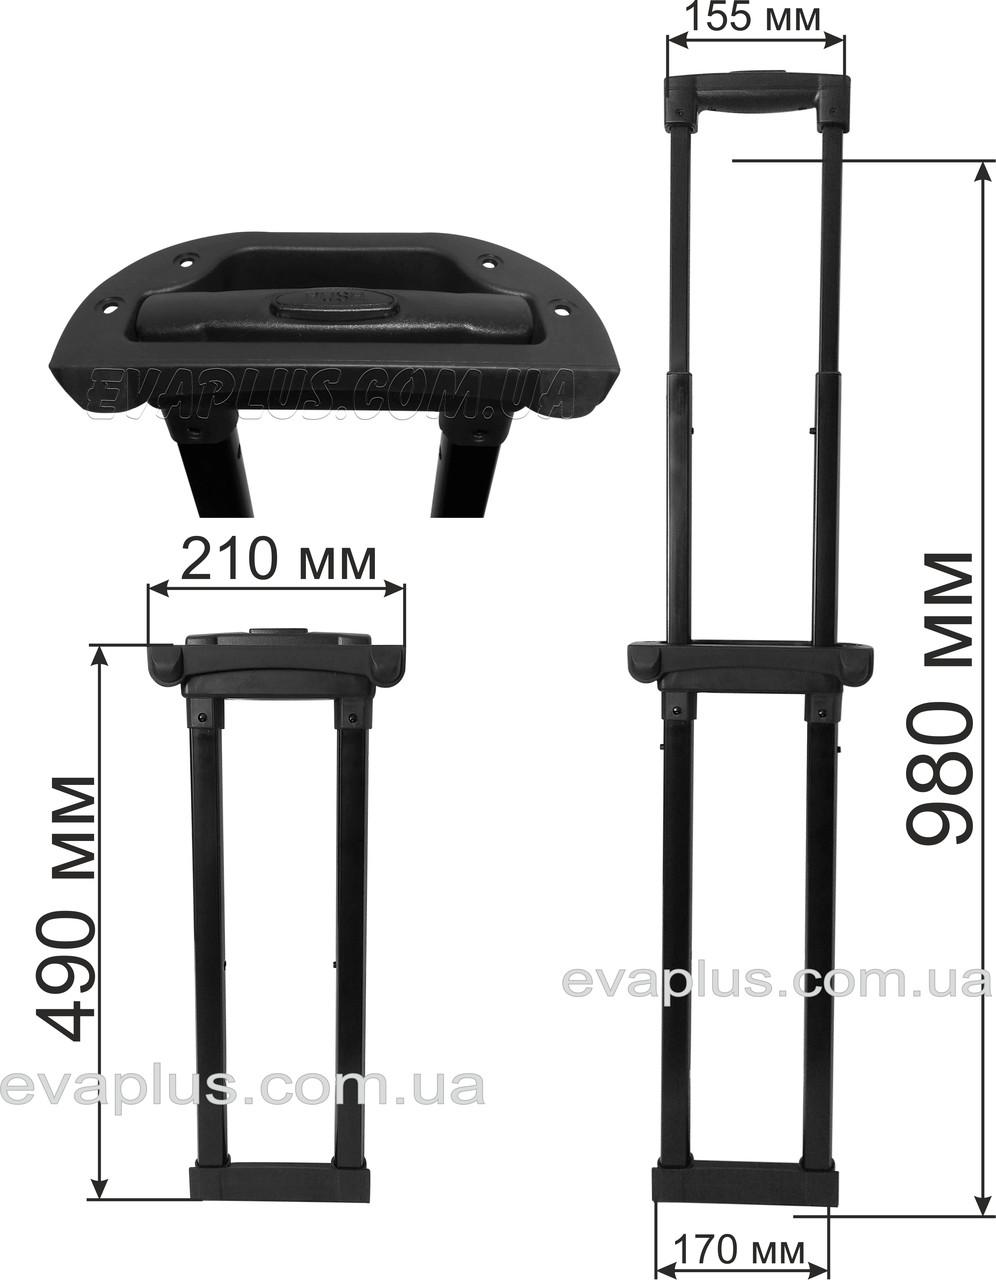 Ручка выдвижная М54 (49 см) для чемодана